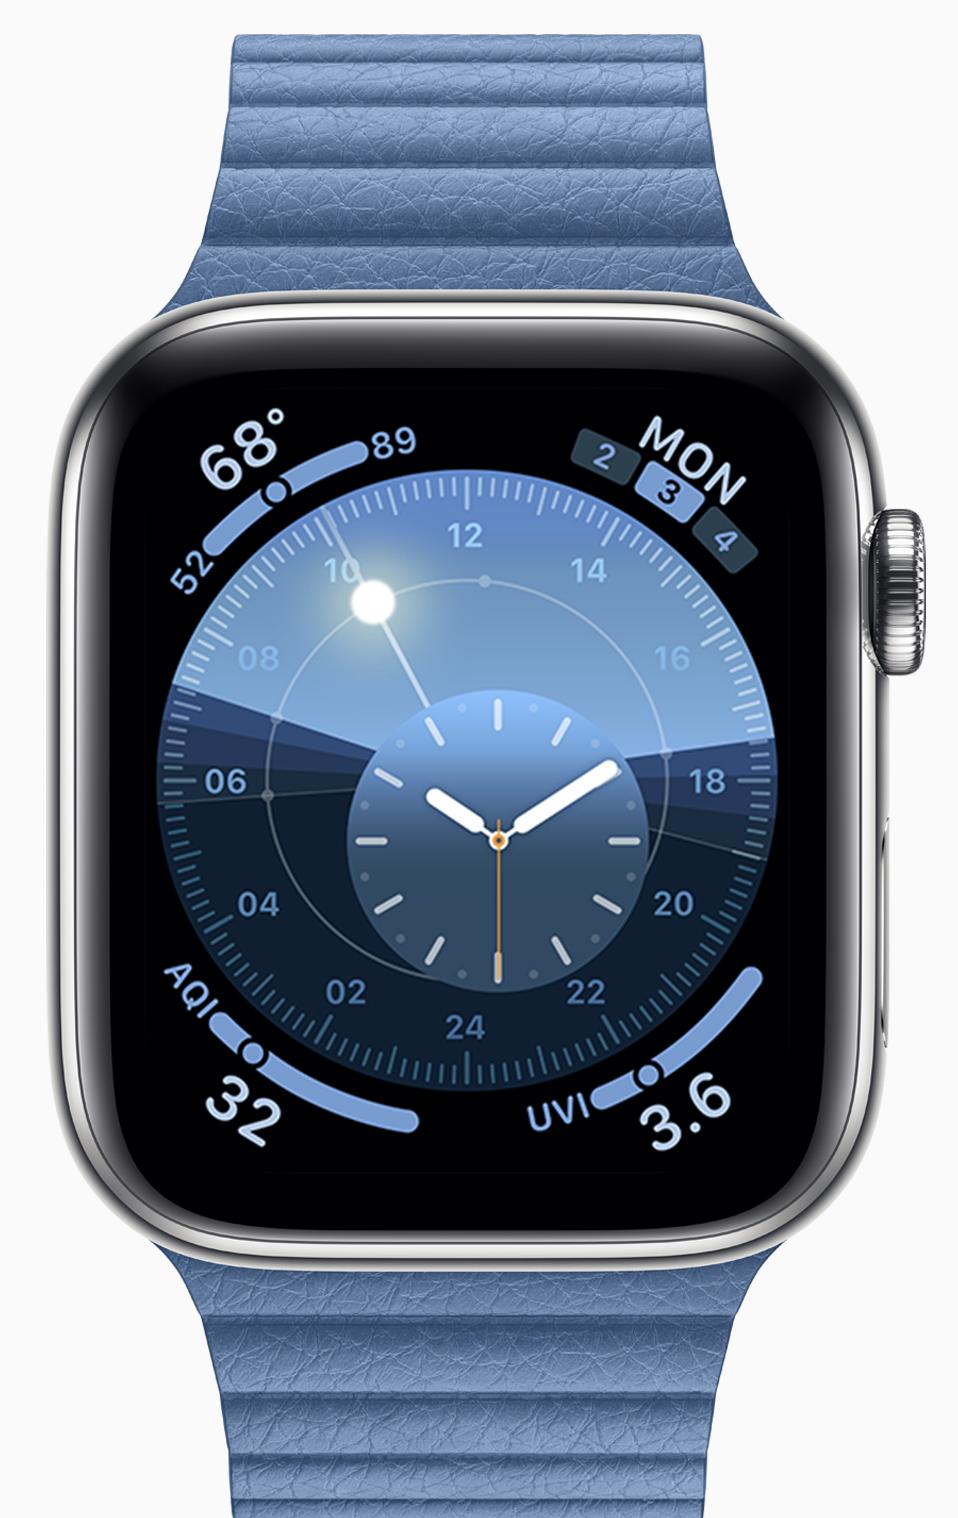 Apple posts fourth watchOS 6 developer beta